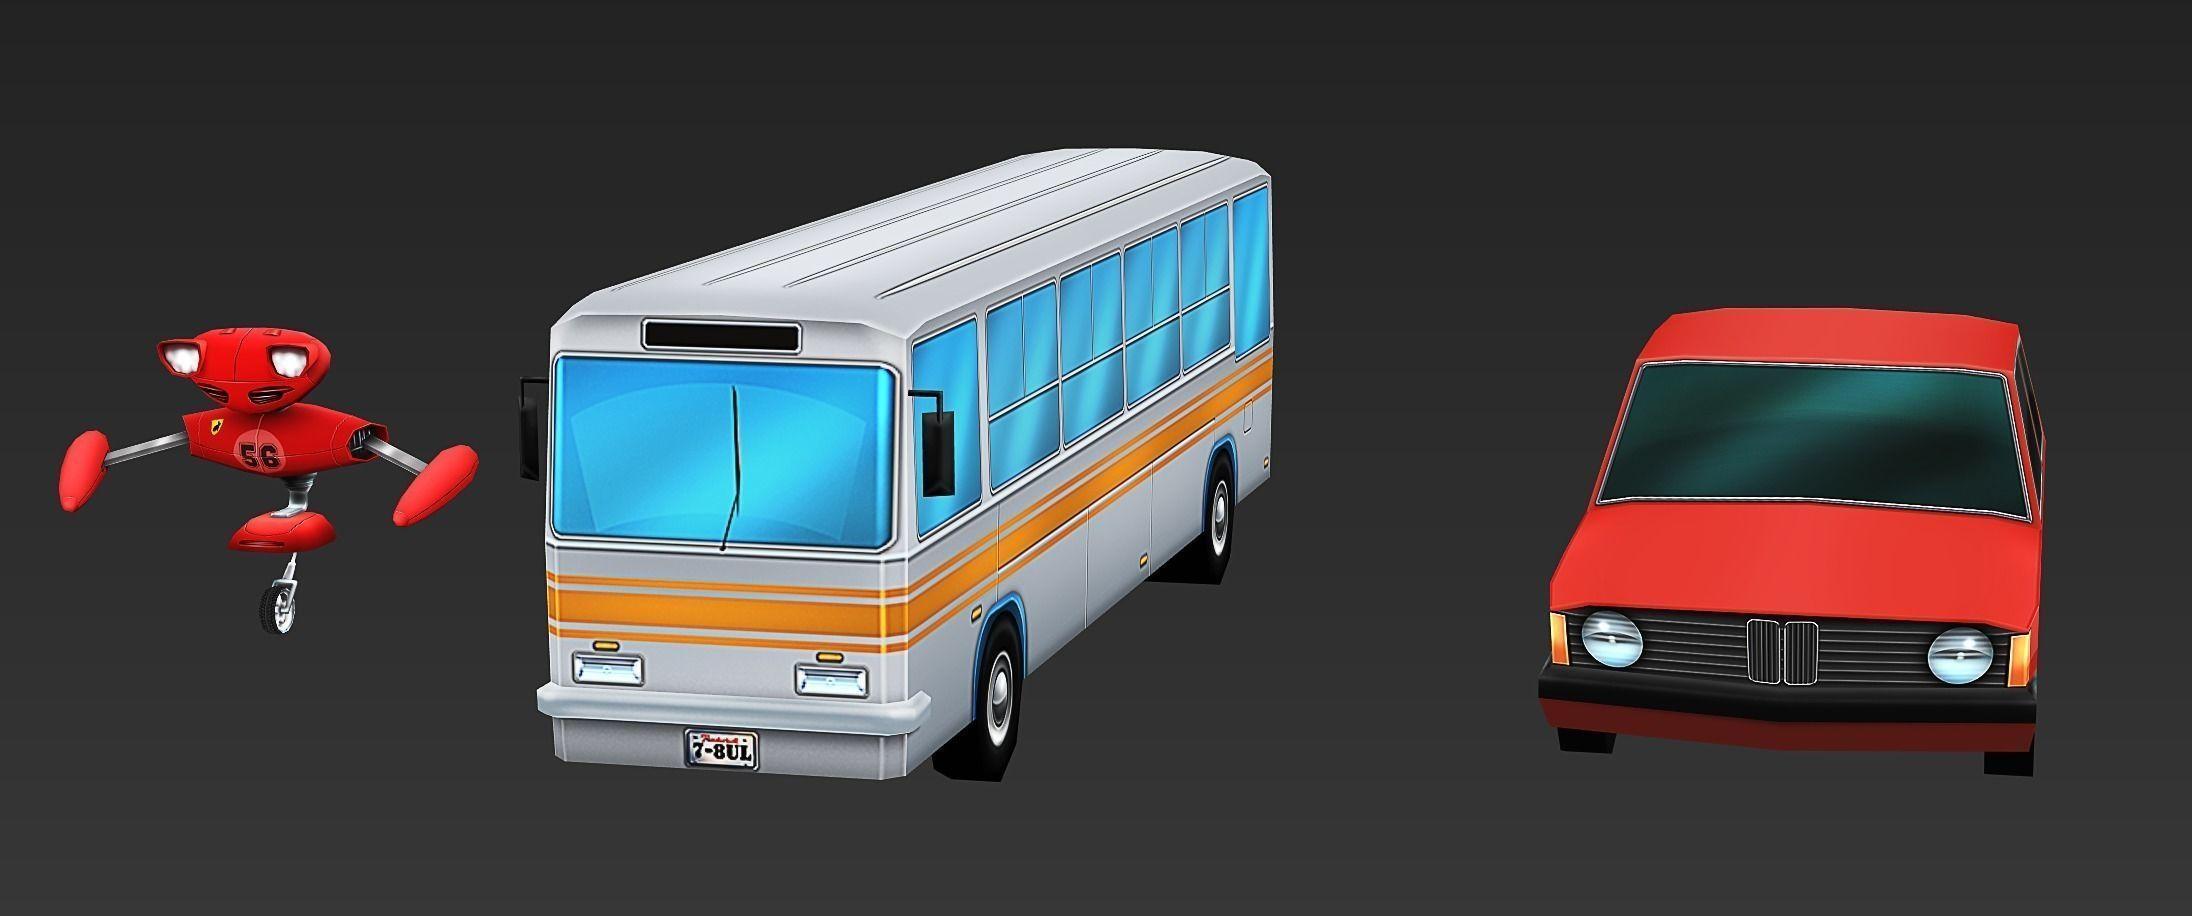 3d models cartoon vehicles